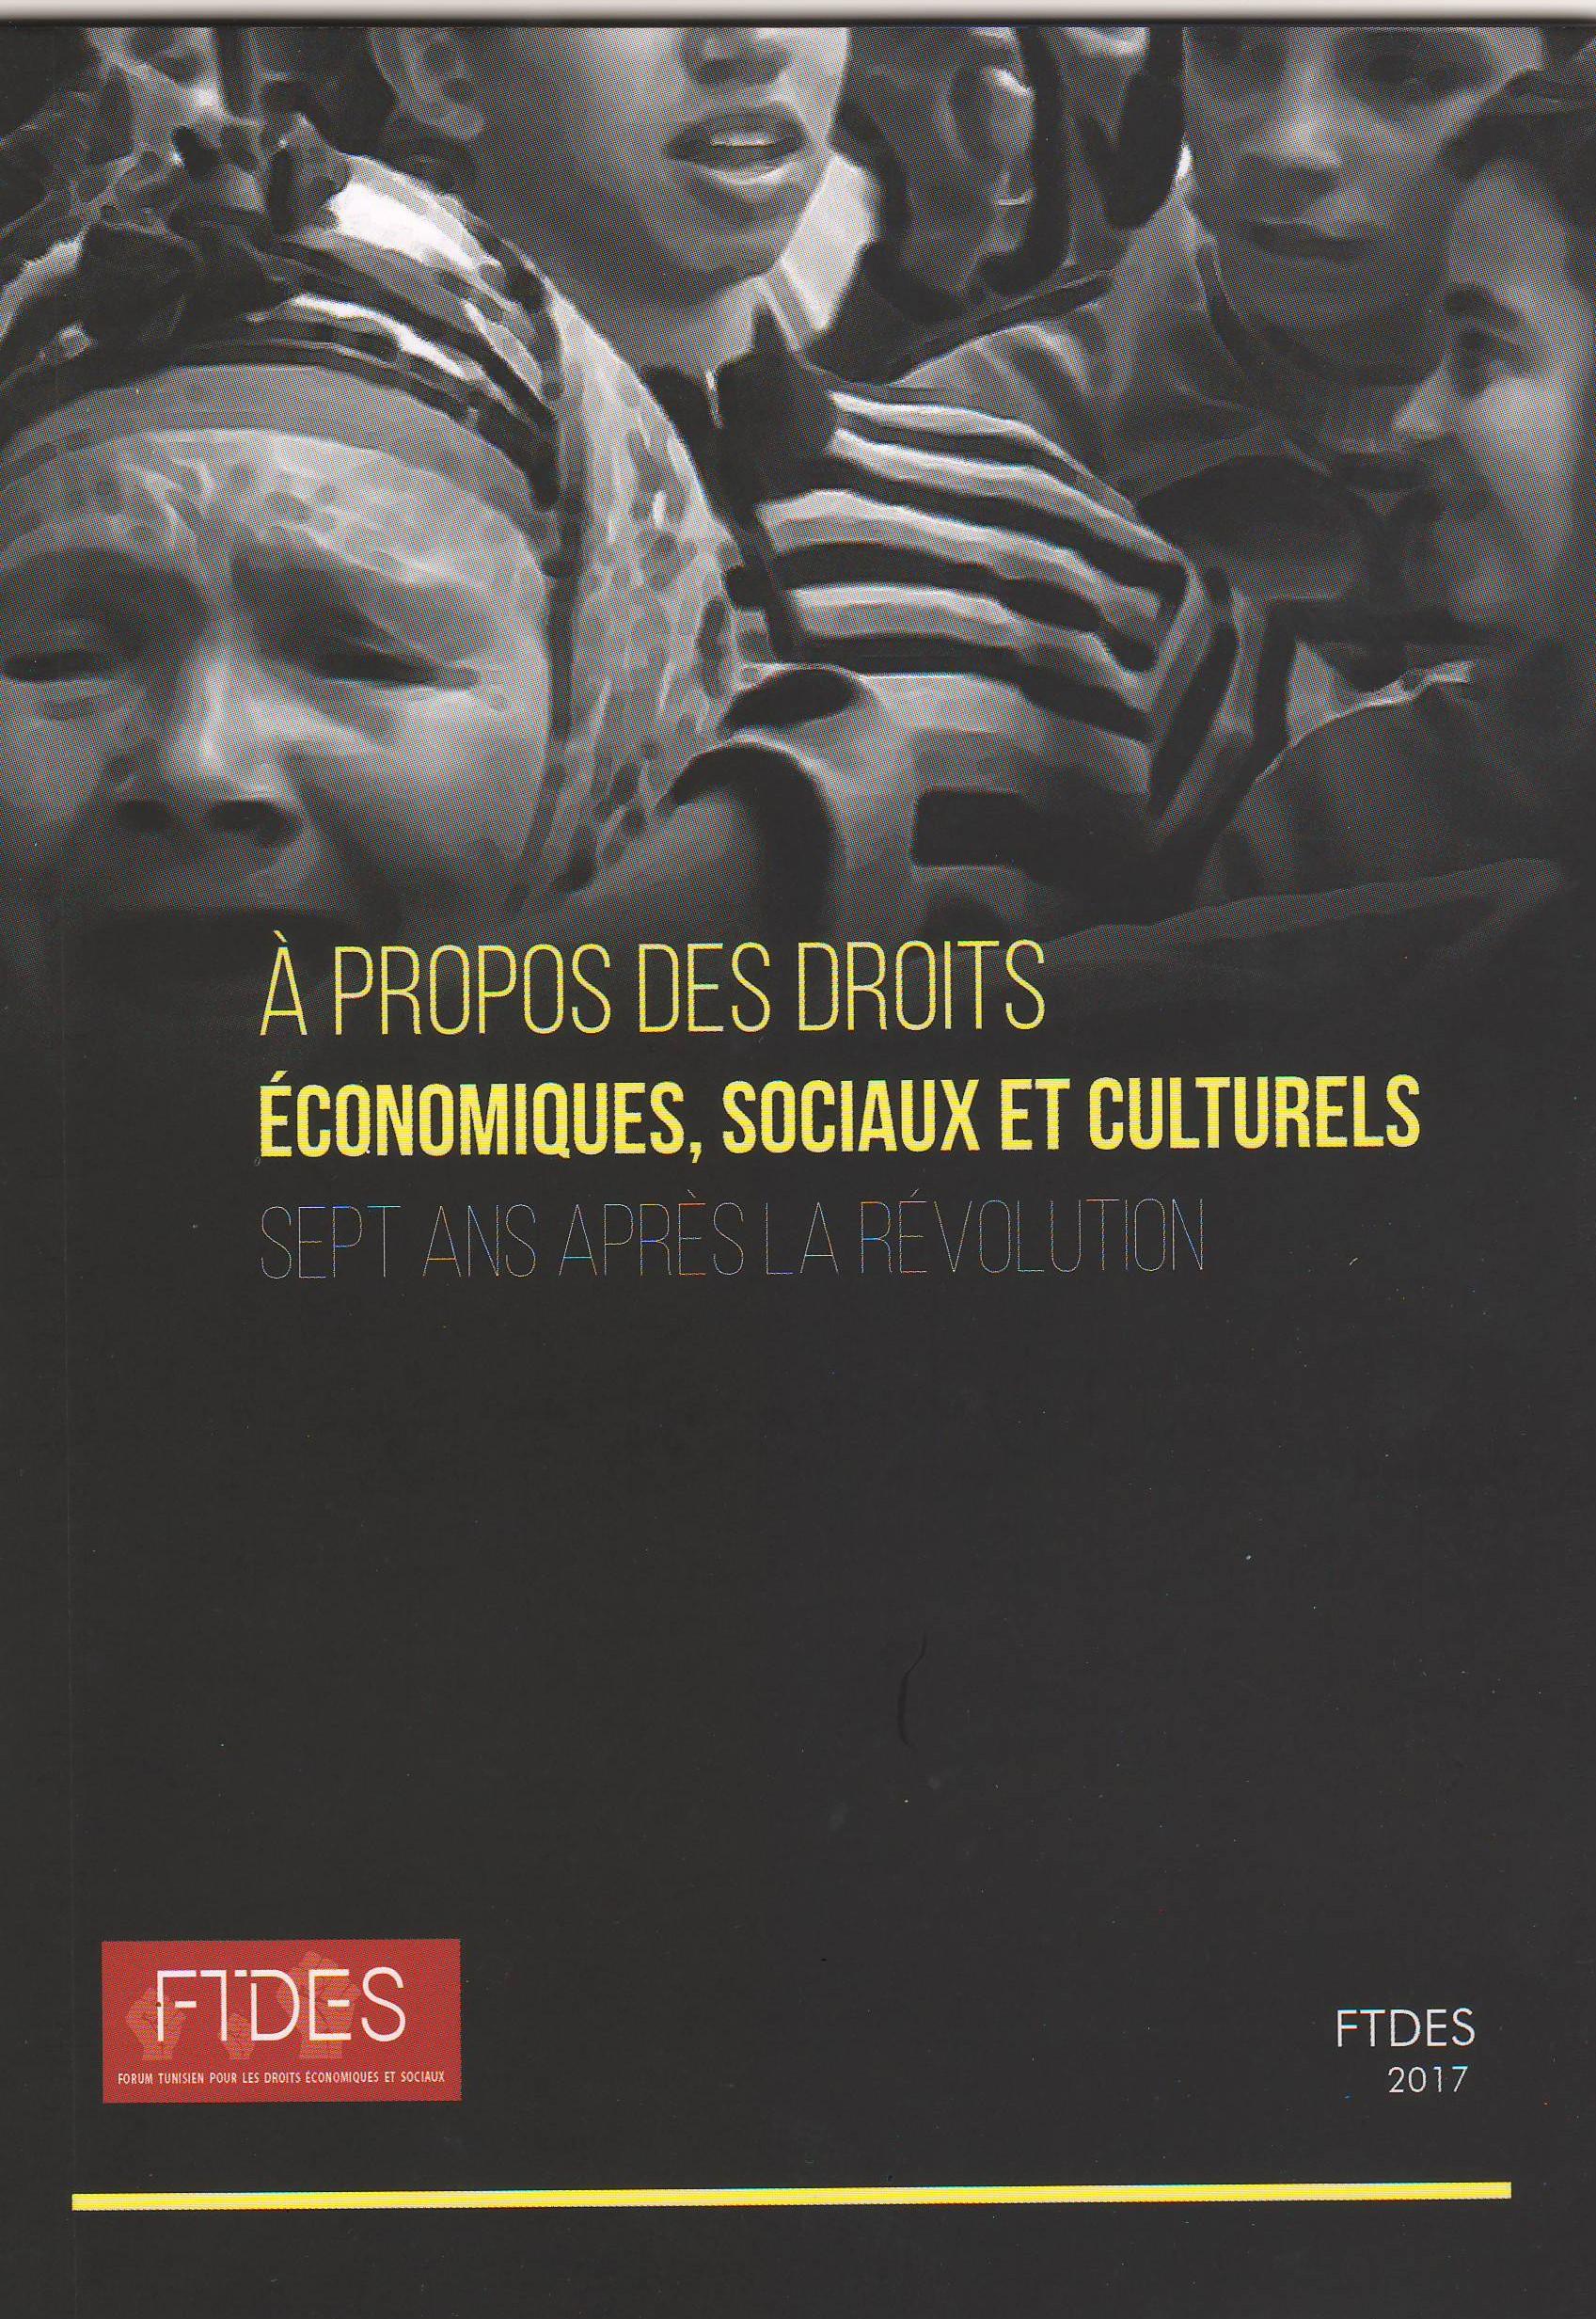 Rapport: A propos des droits économiques, sociaux et culturels sept ans après la révolution